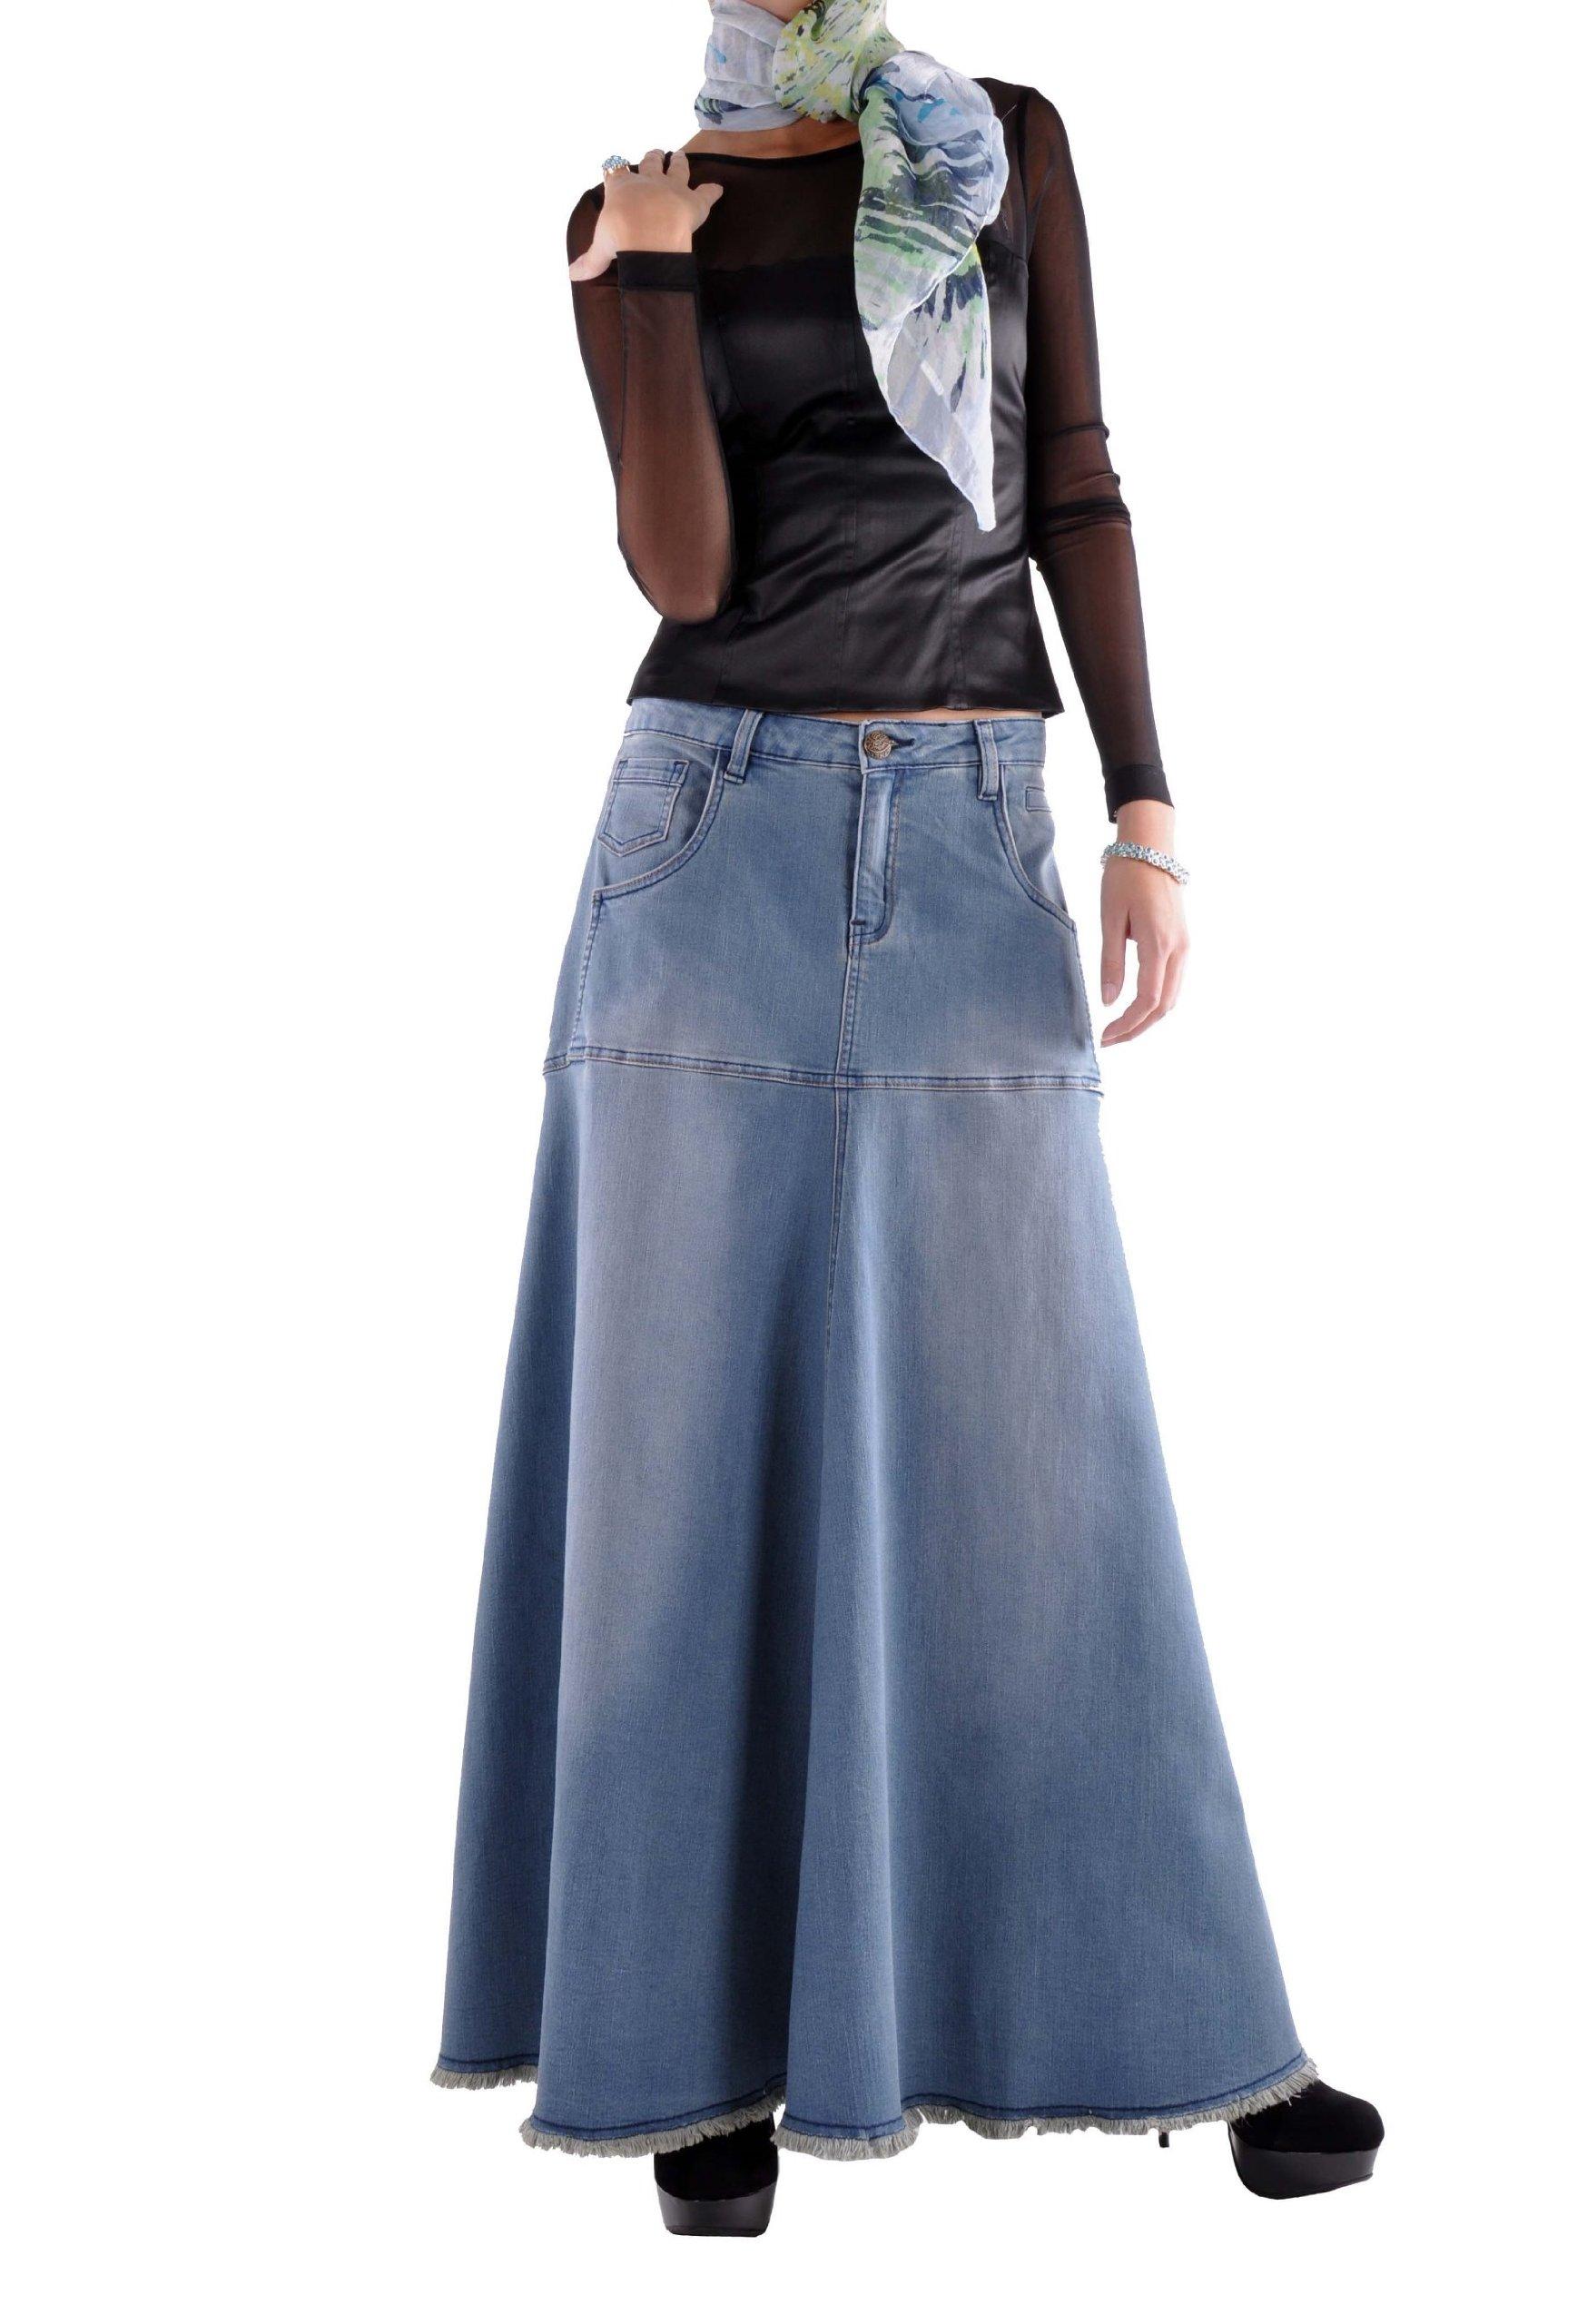 Style J Flowing Love Long Jean Skirt-Blue-36(16)